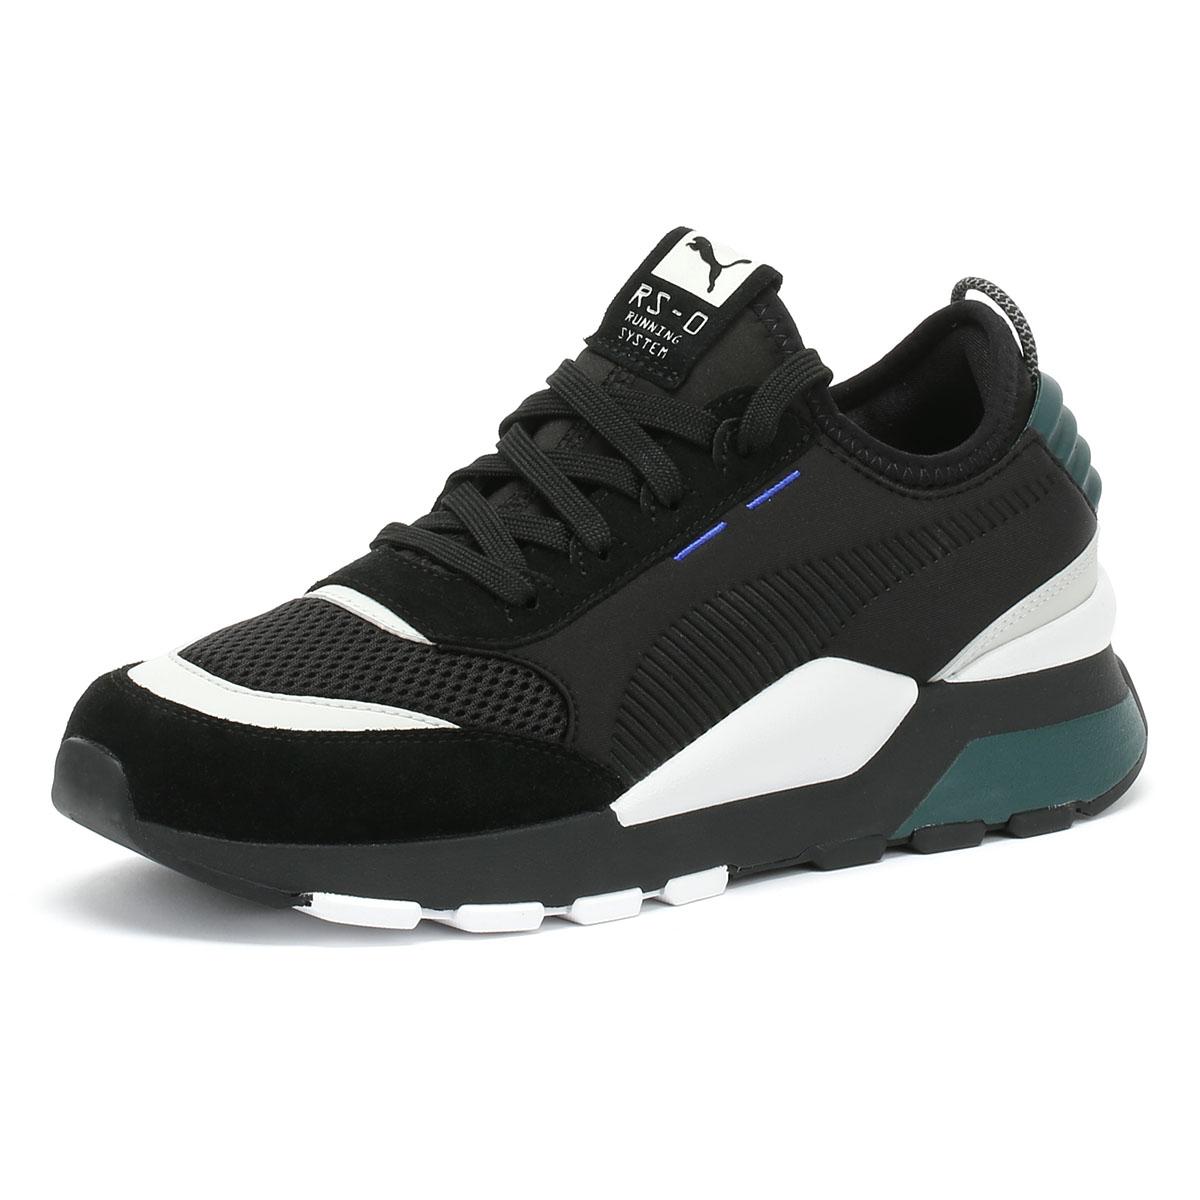 ea43d5ba374b Details about PUMA RS-0 Toys Mens Trainers Black   Ponderosa Pine Lace Up  Sport Casual Shoes